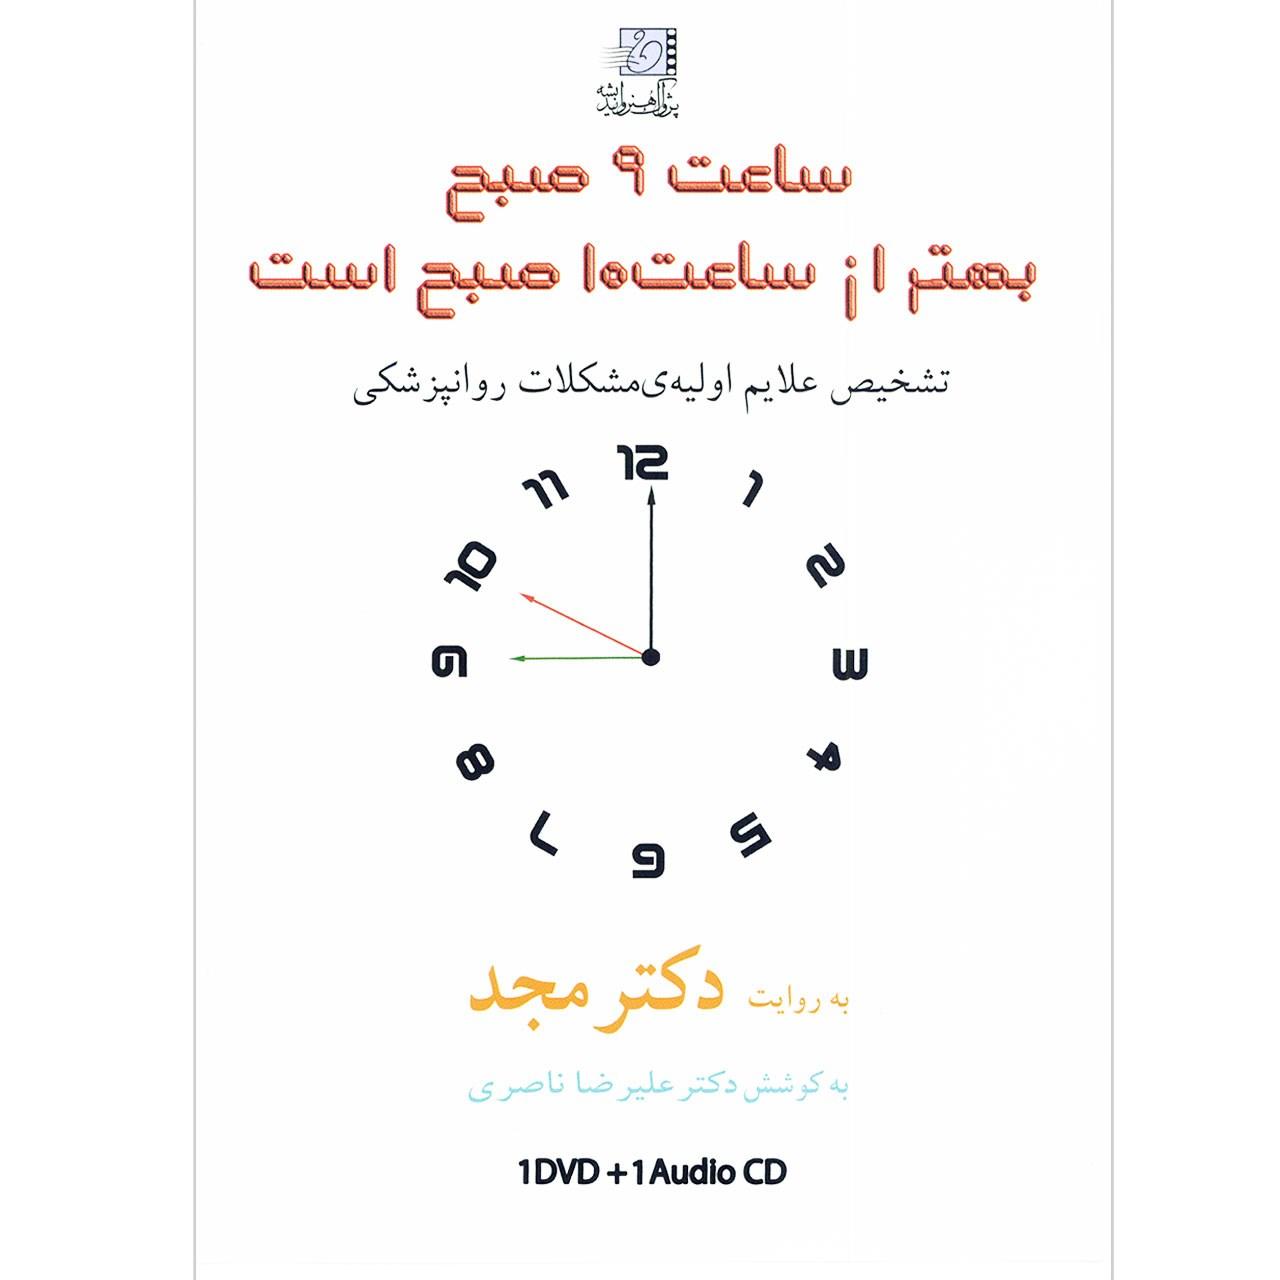 فیلم آموزشی ساعت 9 بهتر از ساعت 10 صبح است اثر محمد مجد